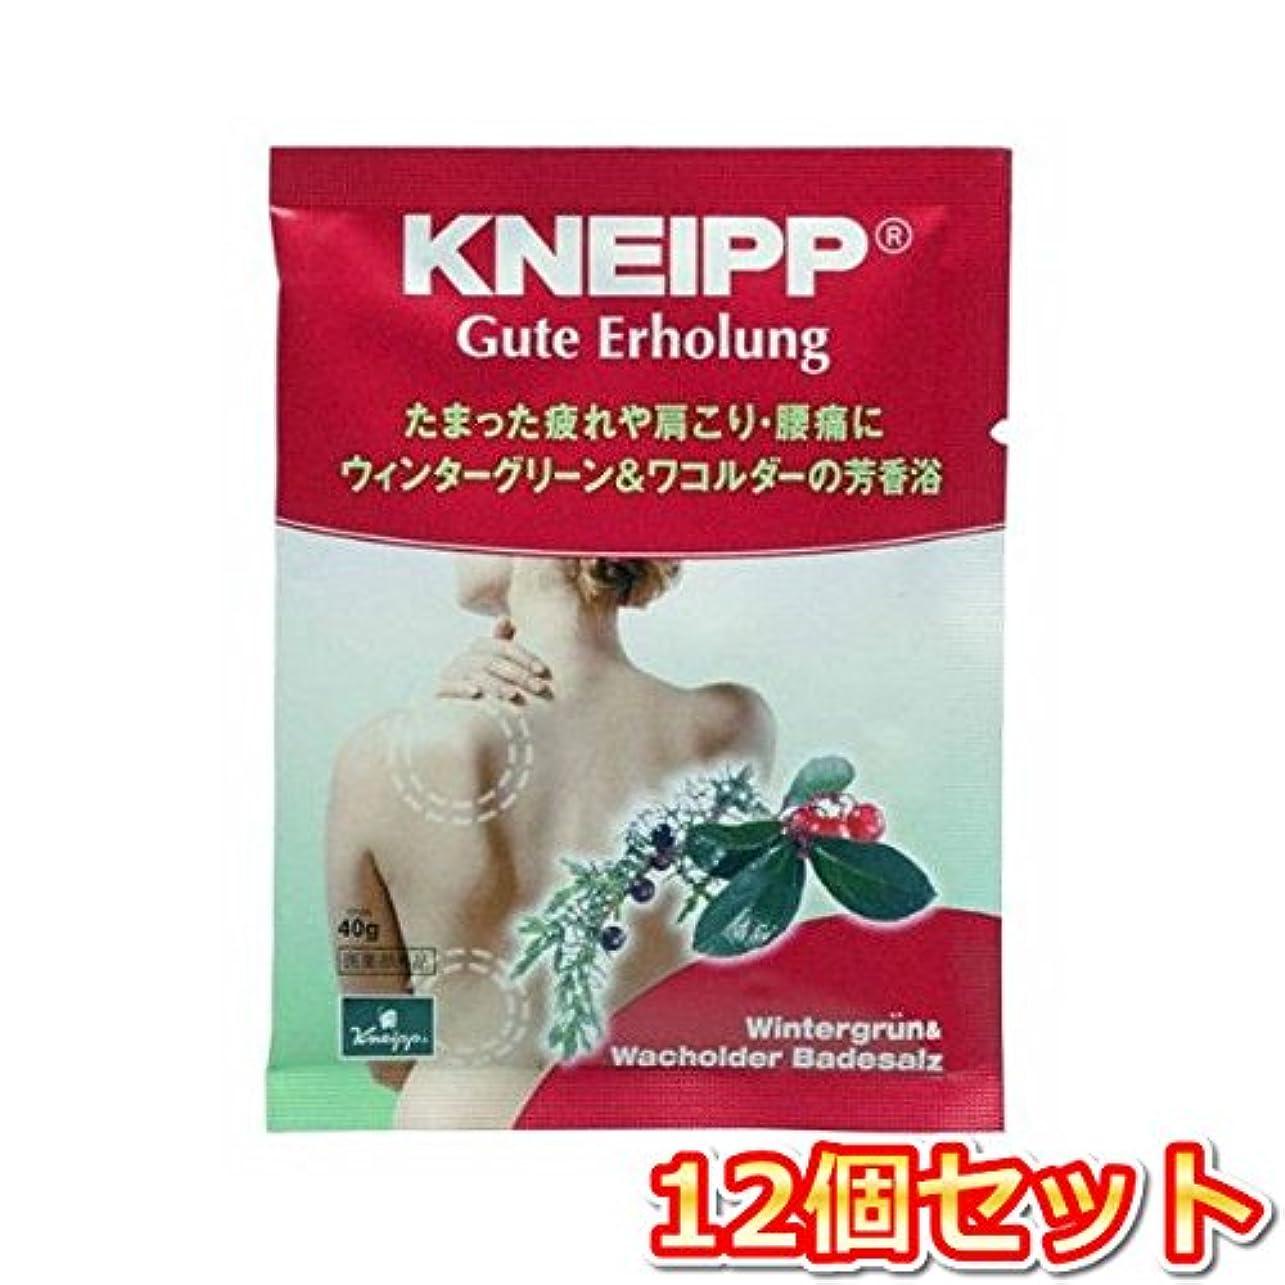 病気の意識的鎮静剤クナイプ?ジャパン クナイプグーテエアホールング ウィンターグリーン&ワコルダー 40g(医薬部外品) 12個セット